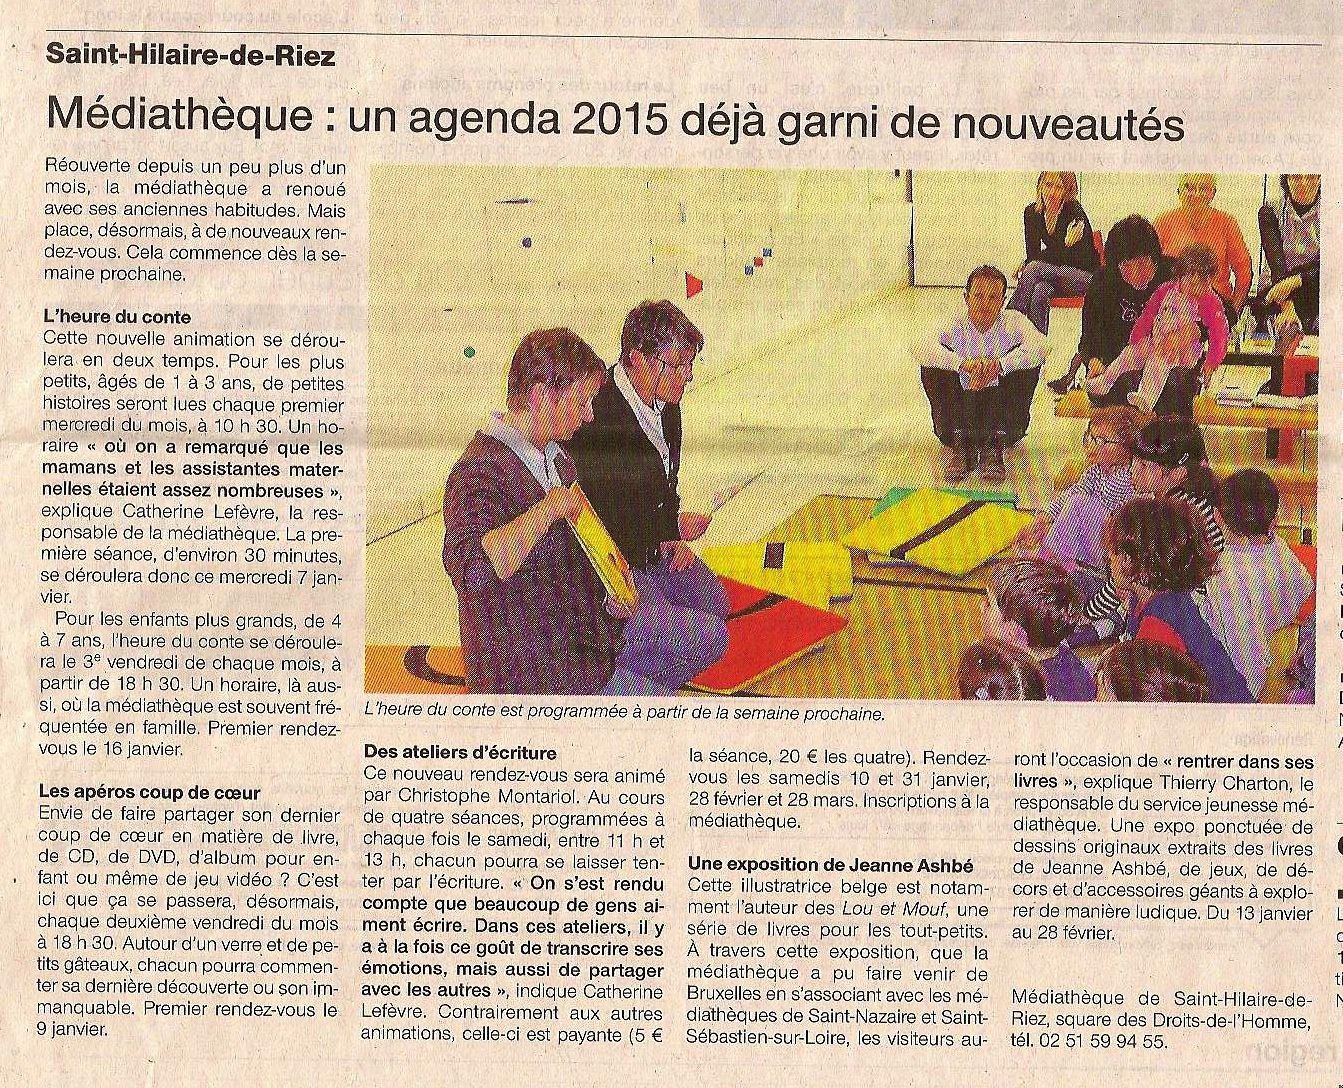 Ouest-France, les 3 et 4 janvier 2015, annonce l'apparition d'ateliers d'écriture dans le programme de la Médiathèque de Saint-Hilaire-de-Riez